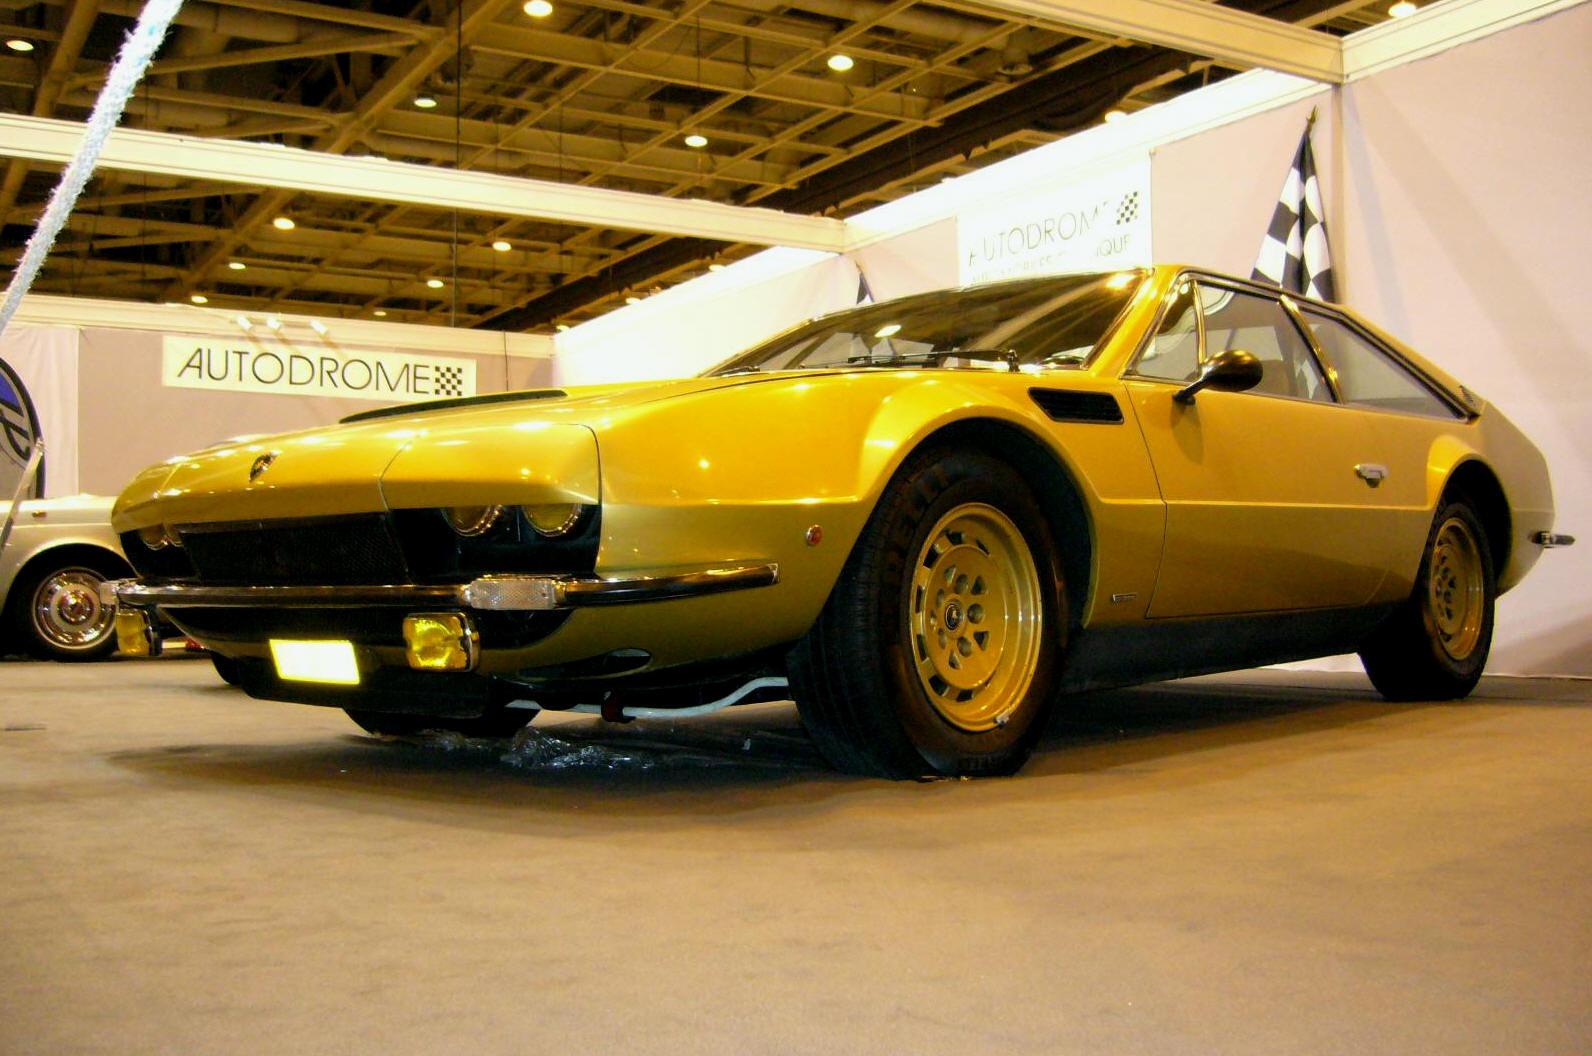 LAMBORGHINI Jarama S 400 GT - 1974